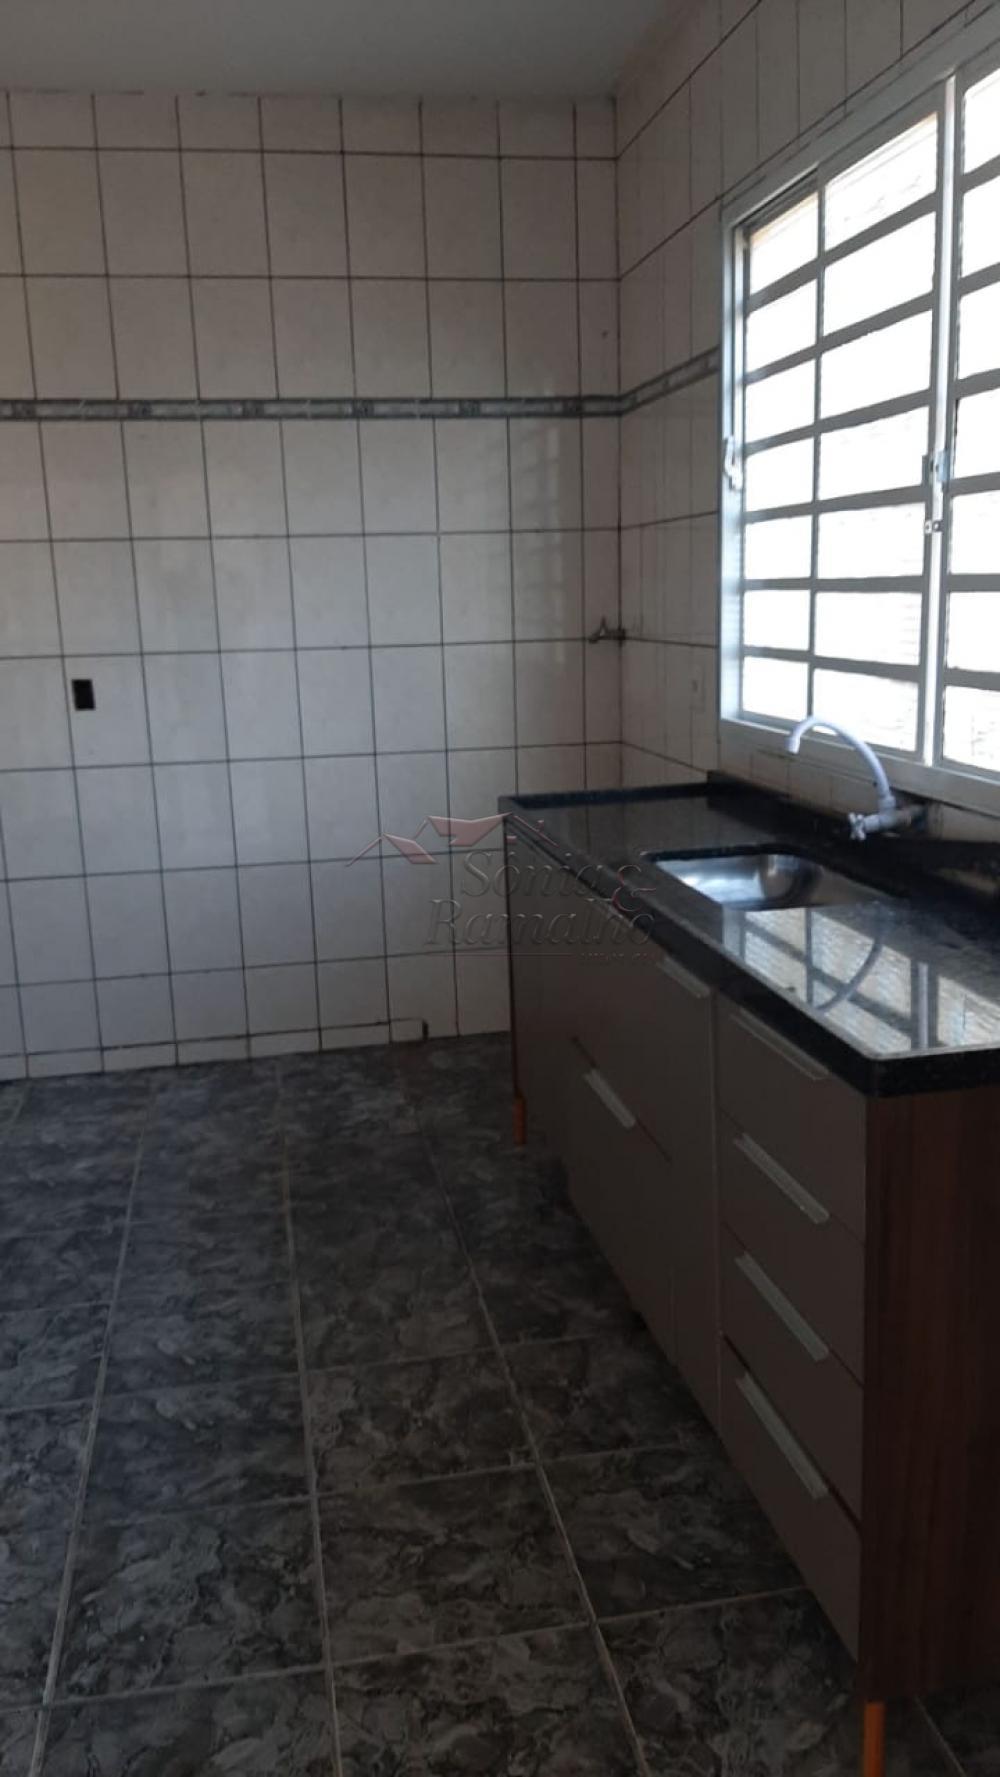 Alugar Casas / Padrão em Ribeirão Preto R$ 1.100,00 - Foto 11